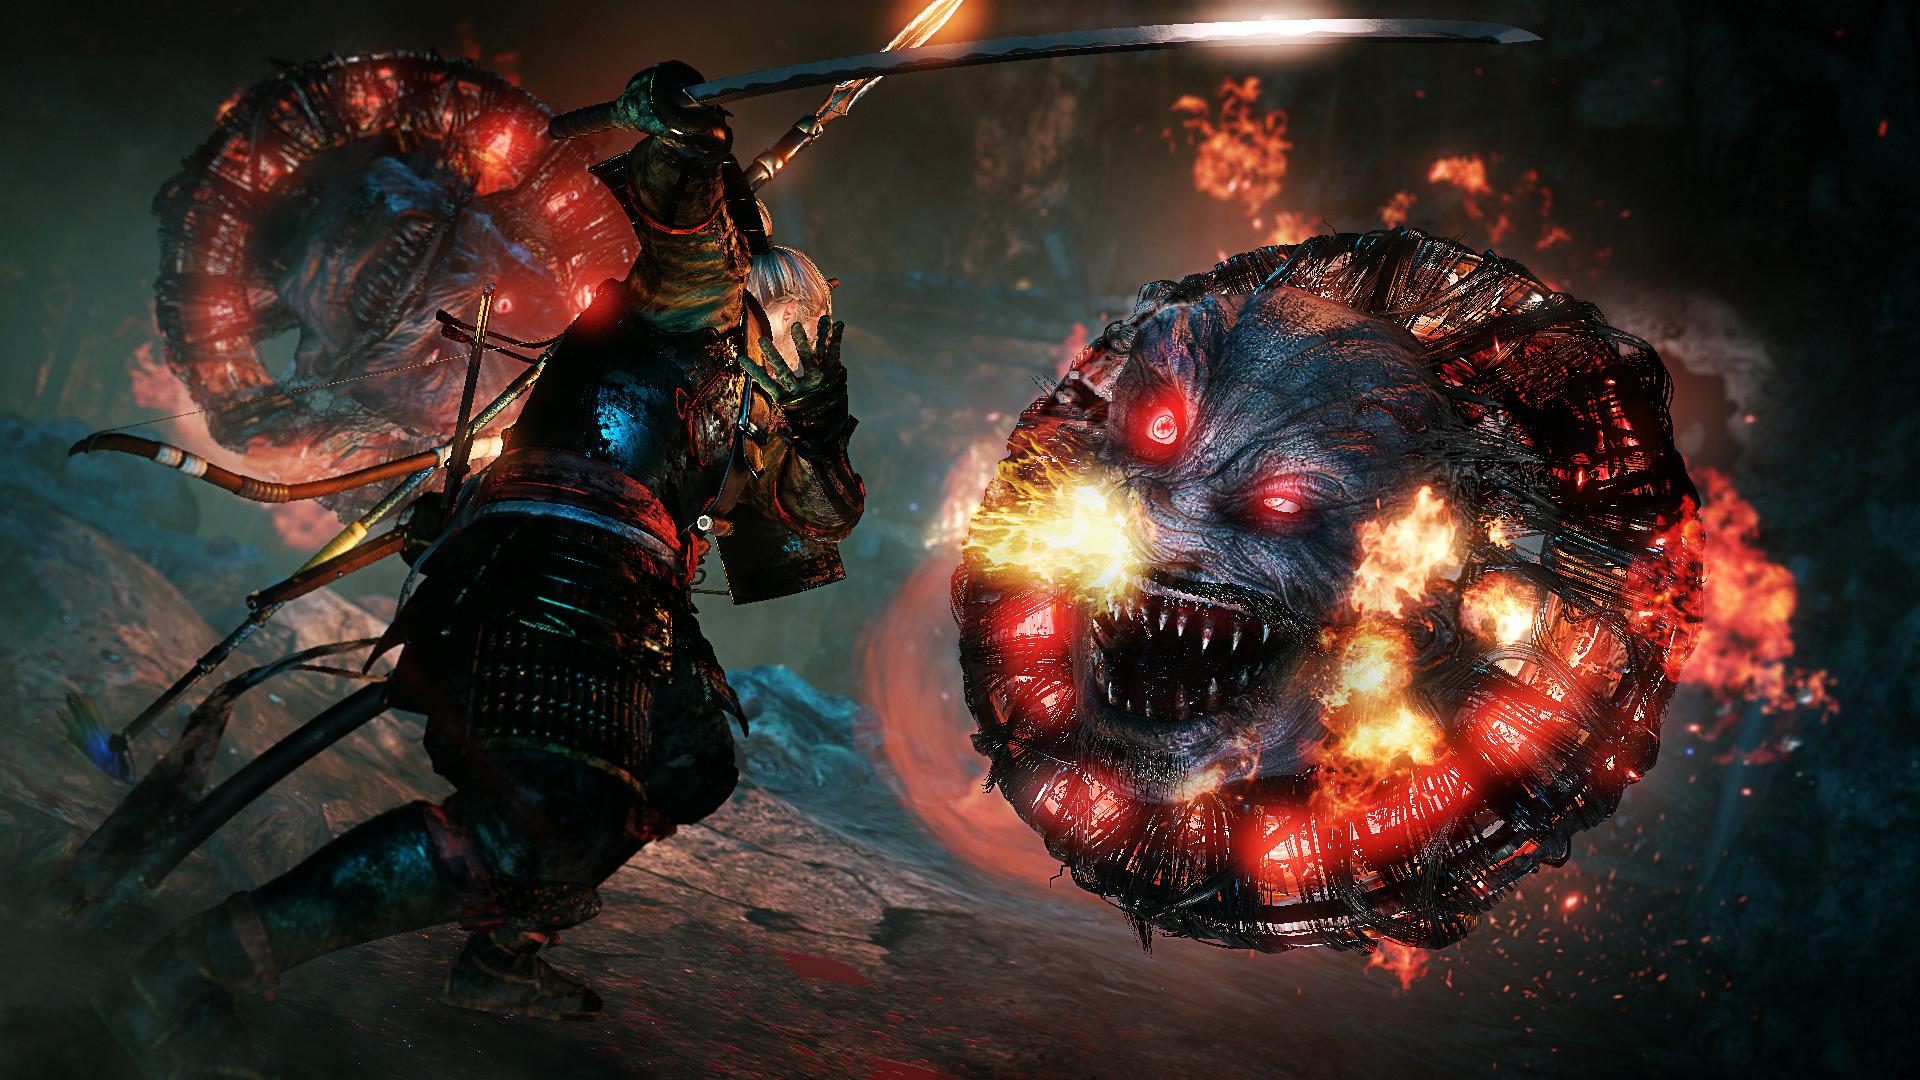 Опубликован релизный трейлер Nioh: Complete Edition. Steam-версия игры будет включать в себя эксклюзивный контент